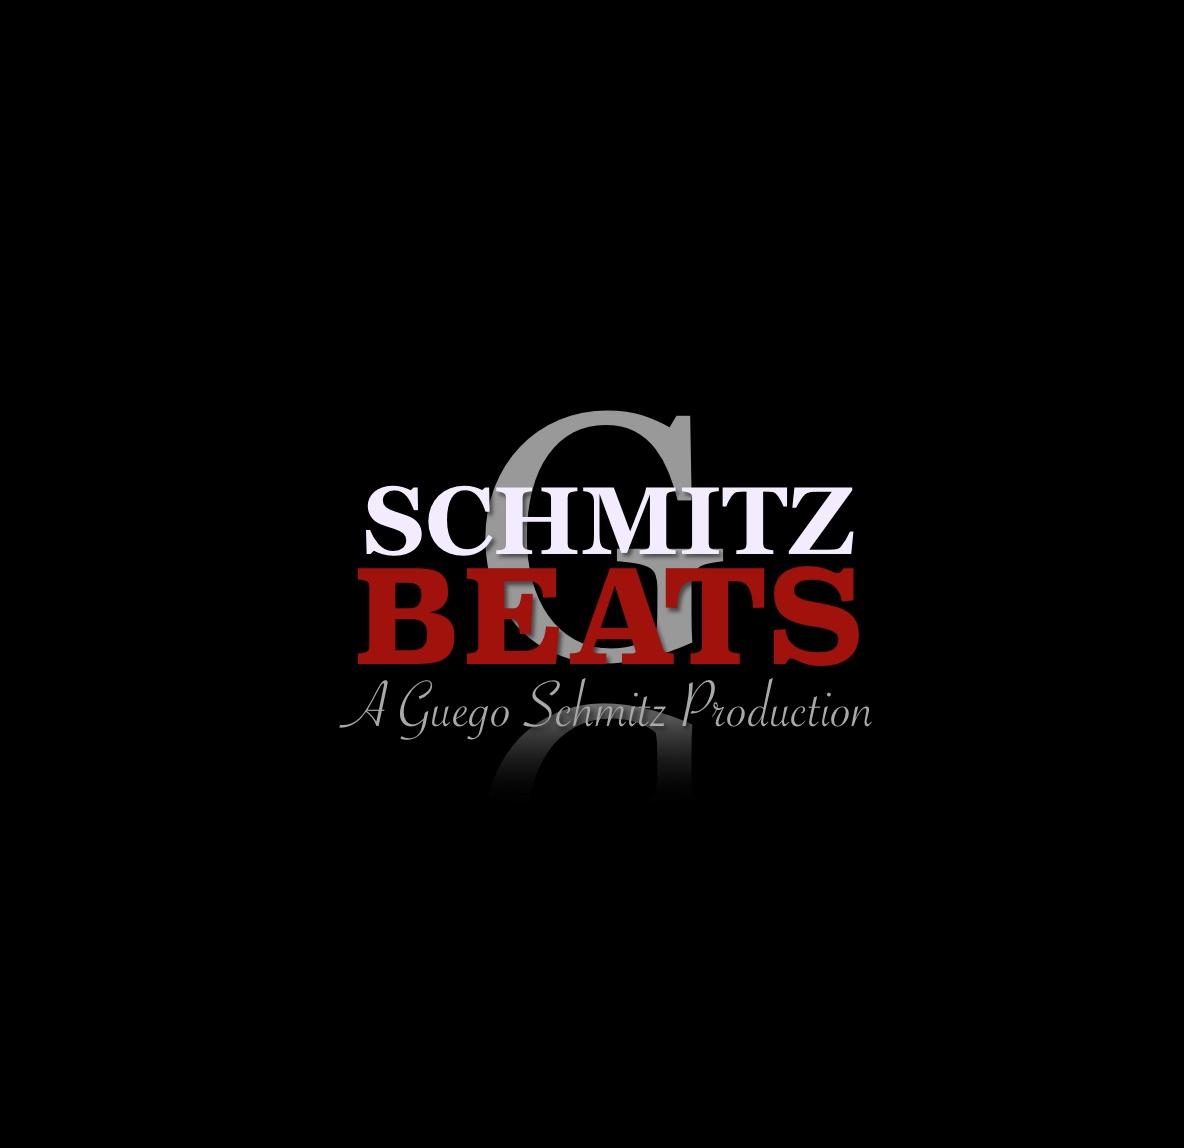 SchmitzBeats